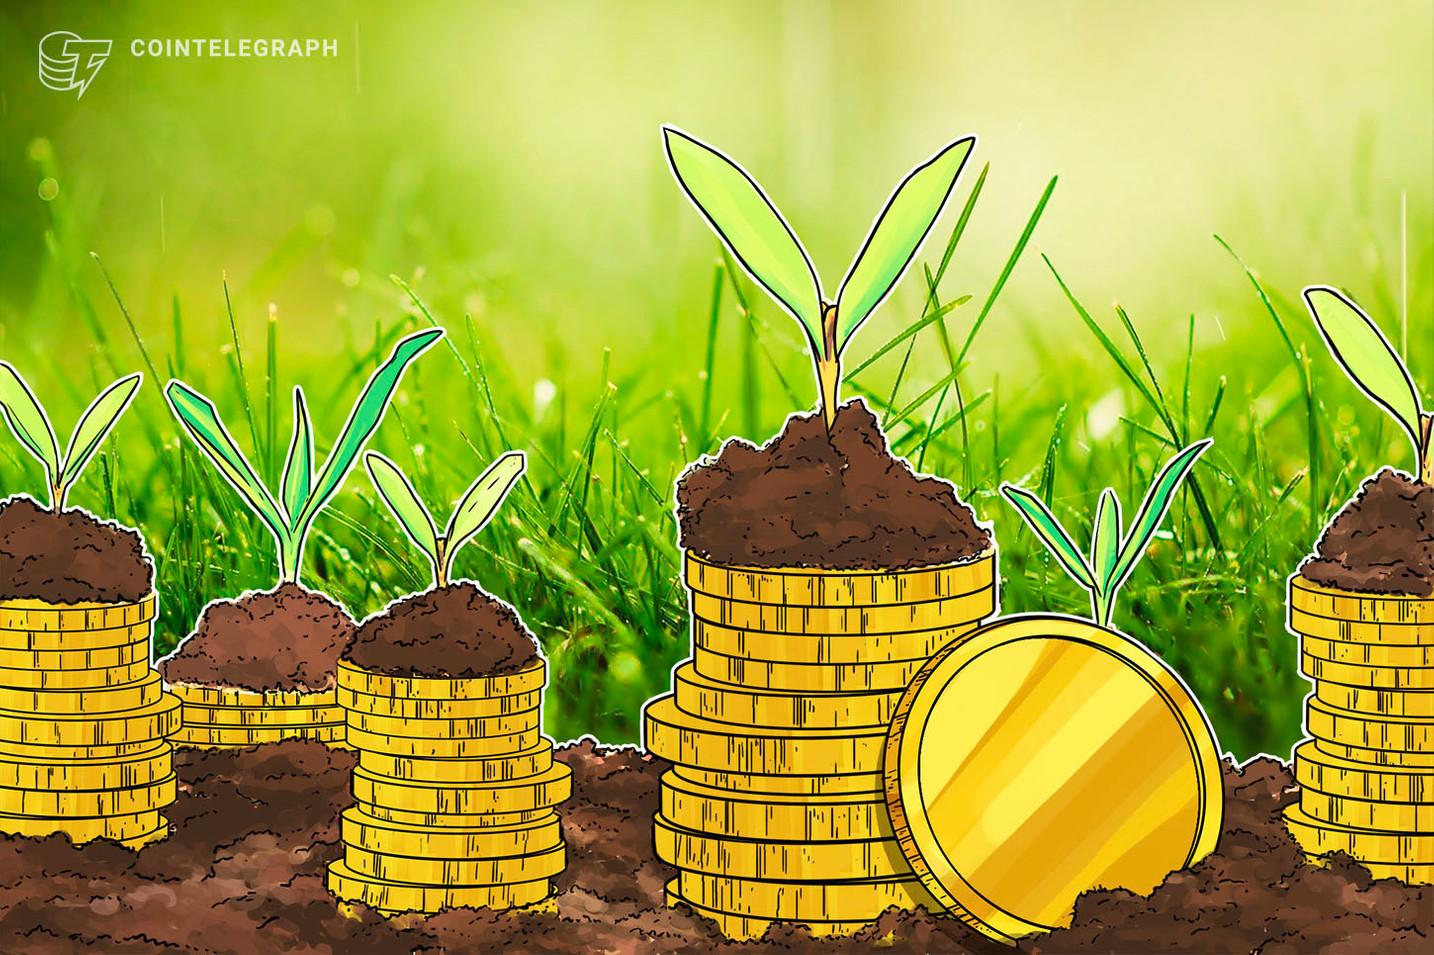 仮想通貨ビットコインATMのコインミー、リップル社の投資部門などから約1億6000万円調達